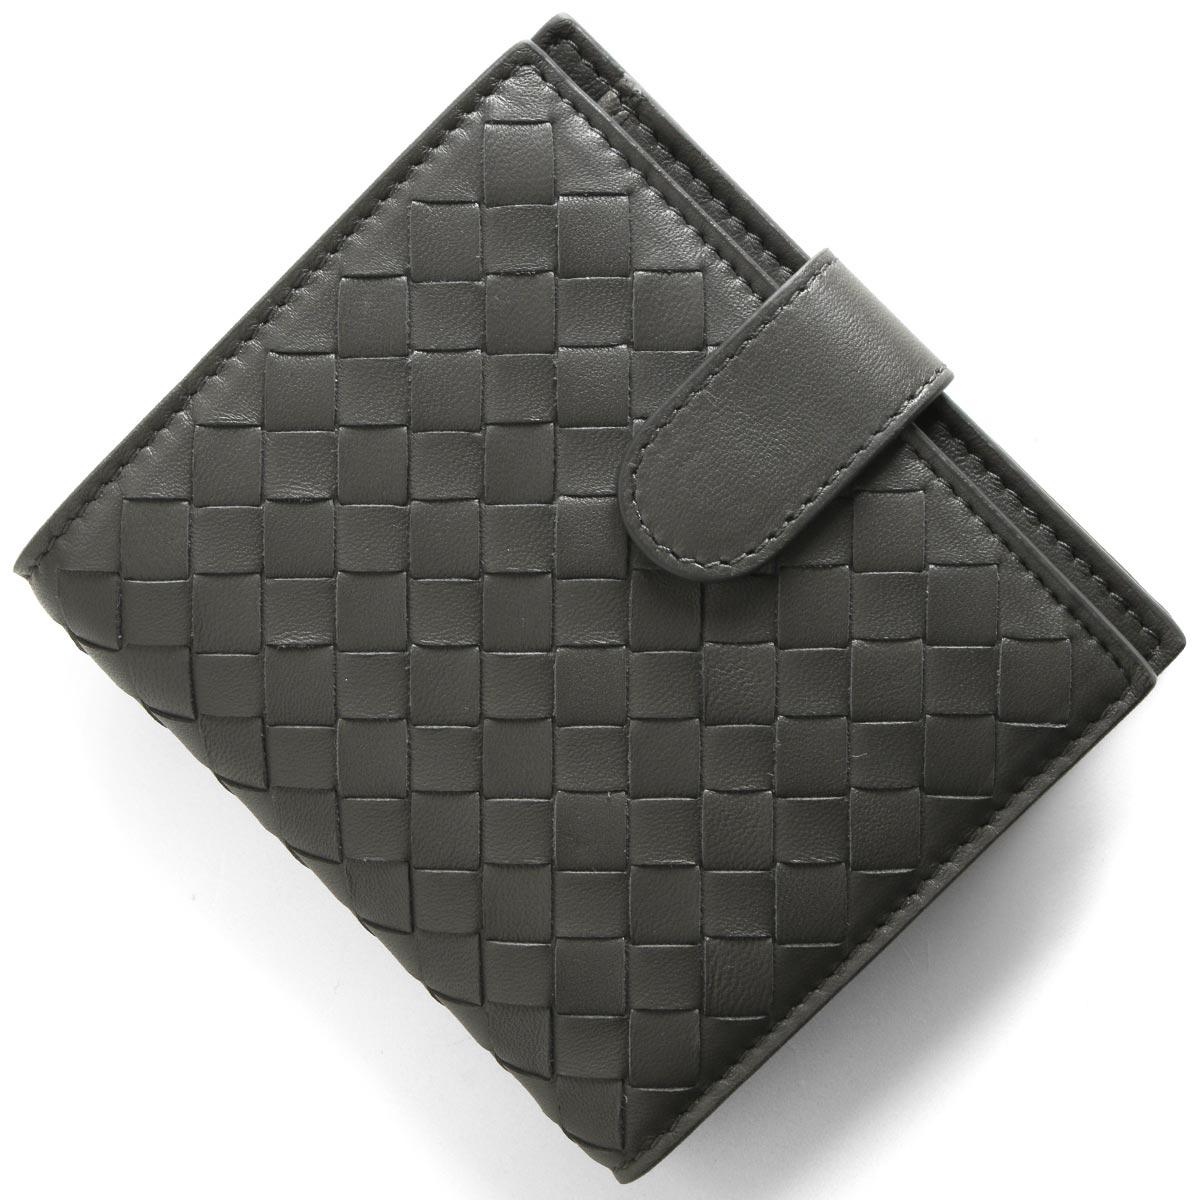 ボッテガヴェネタ (ボッテガ・ヴェネタ) 二つ折り財布 財布 メンズ レディース イントレチャート ニューライトグレー 121059 V001N 8522 BOTTEGA VENETA